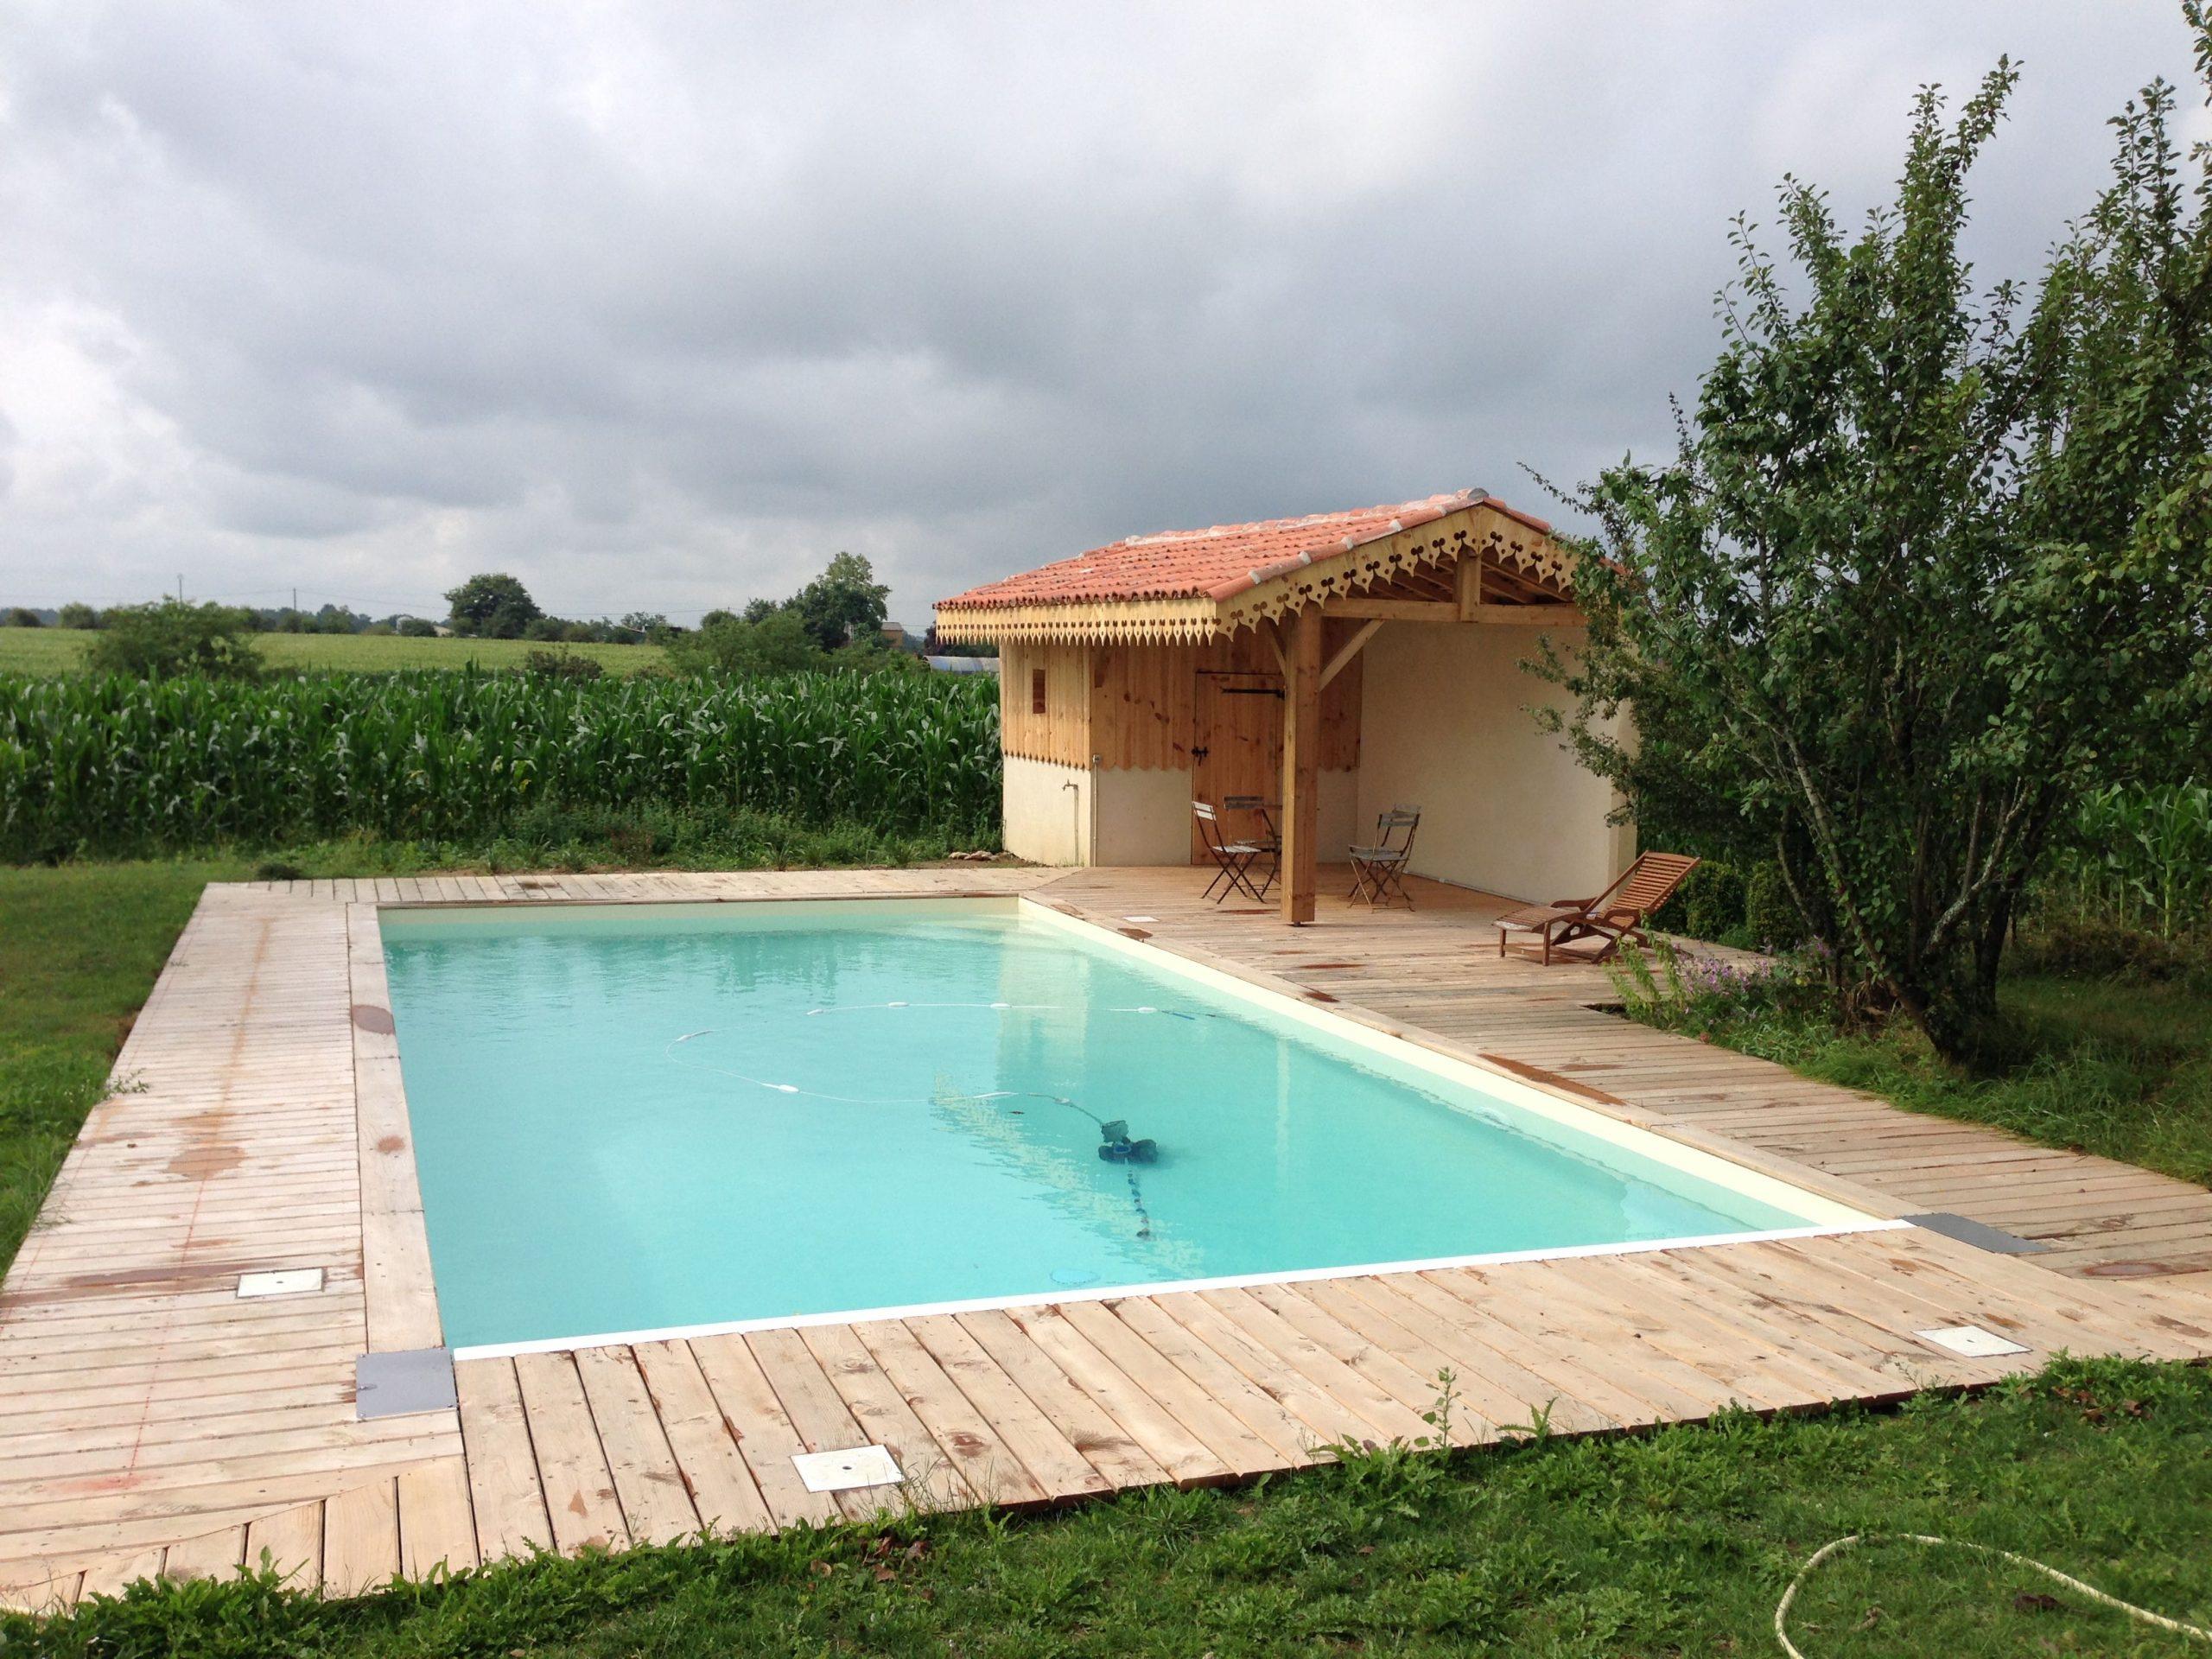 Piscine 10X5 Liner Couleur Sable Pool House Champêtre Style ... encequiconcerne Piscine 10X5